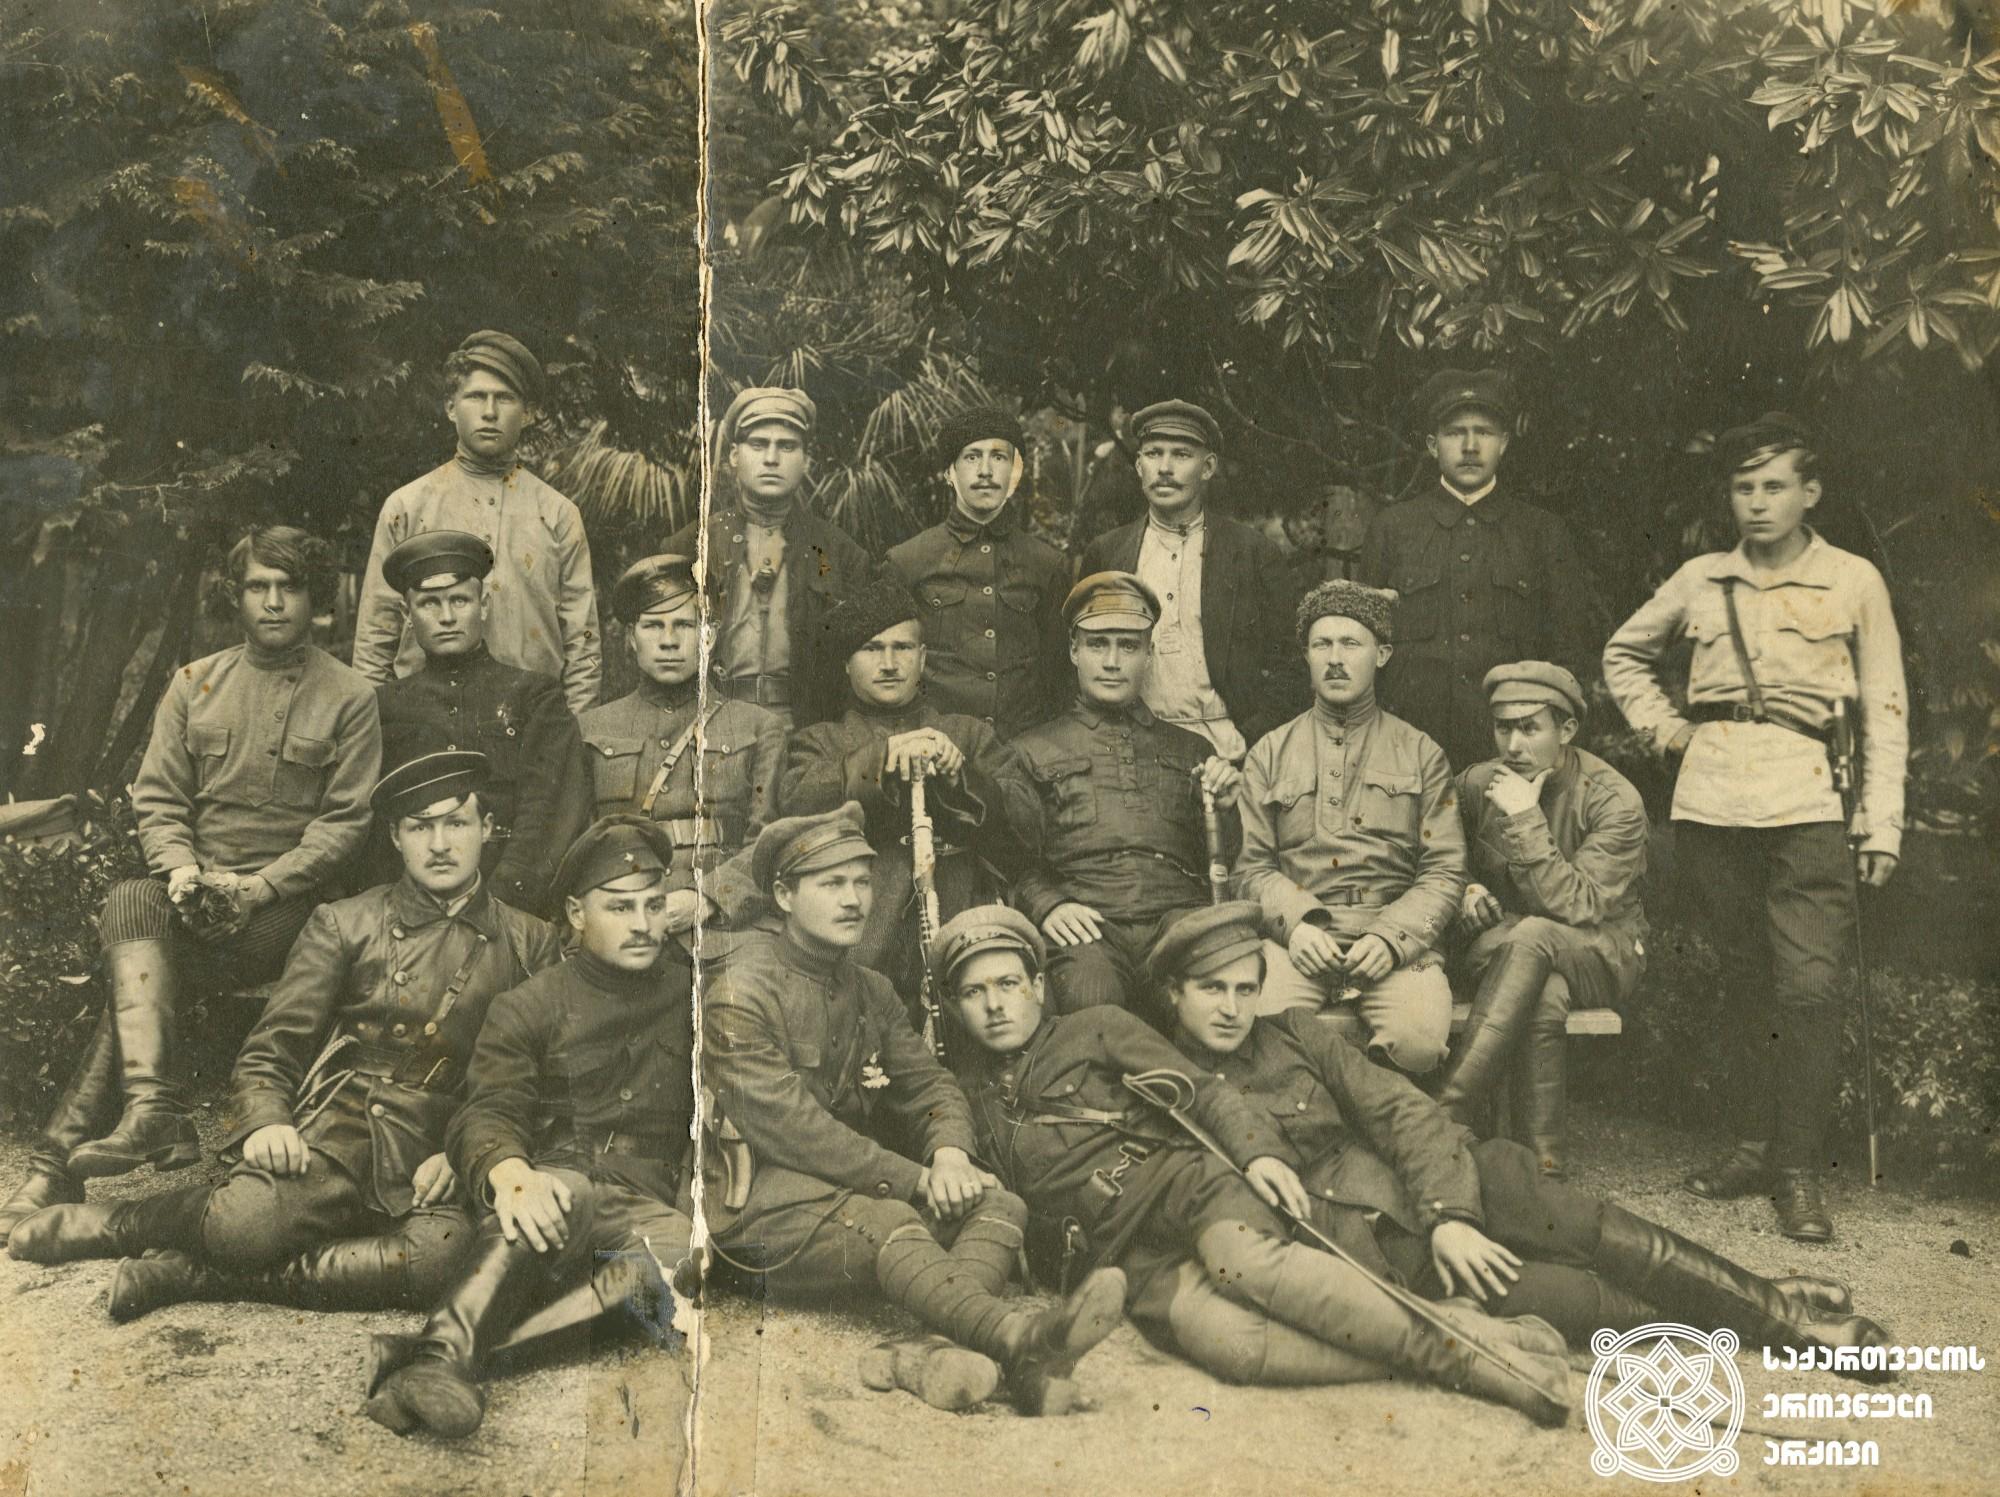 წითელი არმიის 292-ე მსროლელი პოლკის სამეთაურო შემადგენლობა საქართველოს ოკუპაციის შემდგომ.  <br> 1921 წლის მარტის ბოლო. <br>  <br> The 292nd command staff of the Rifle Regiment of the Red Army after the occupation of Georgia.  <br> End of March 1921.